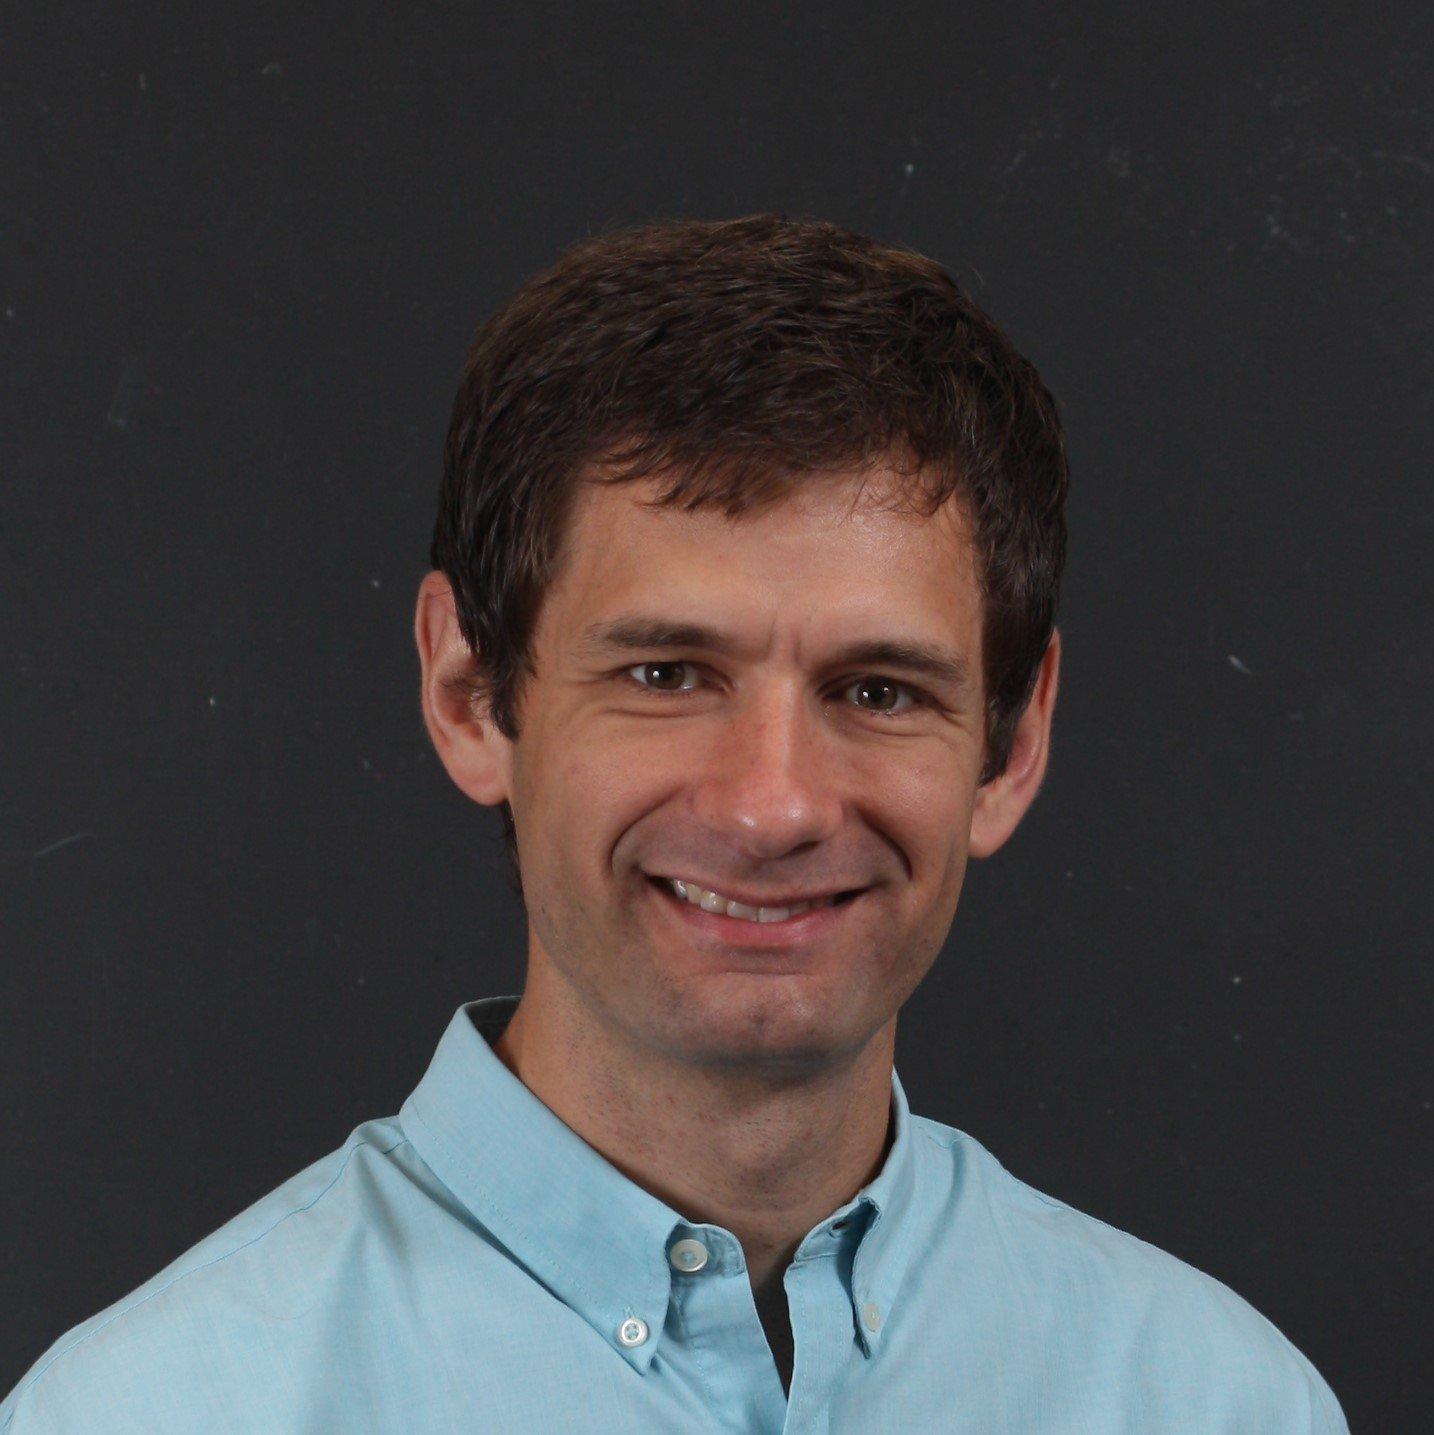 Kyle Stoltzfus